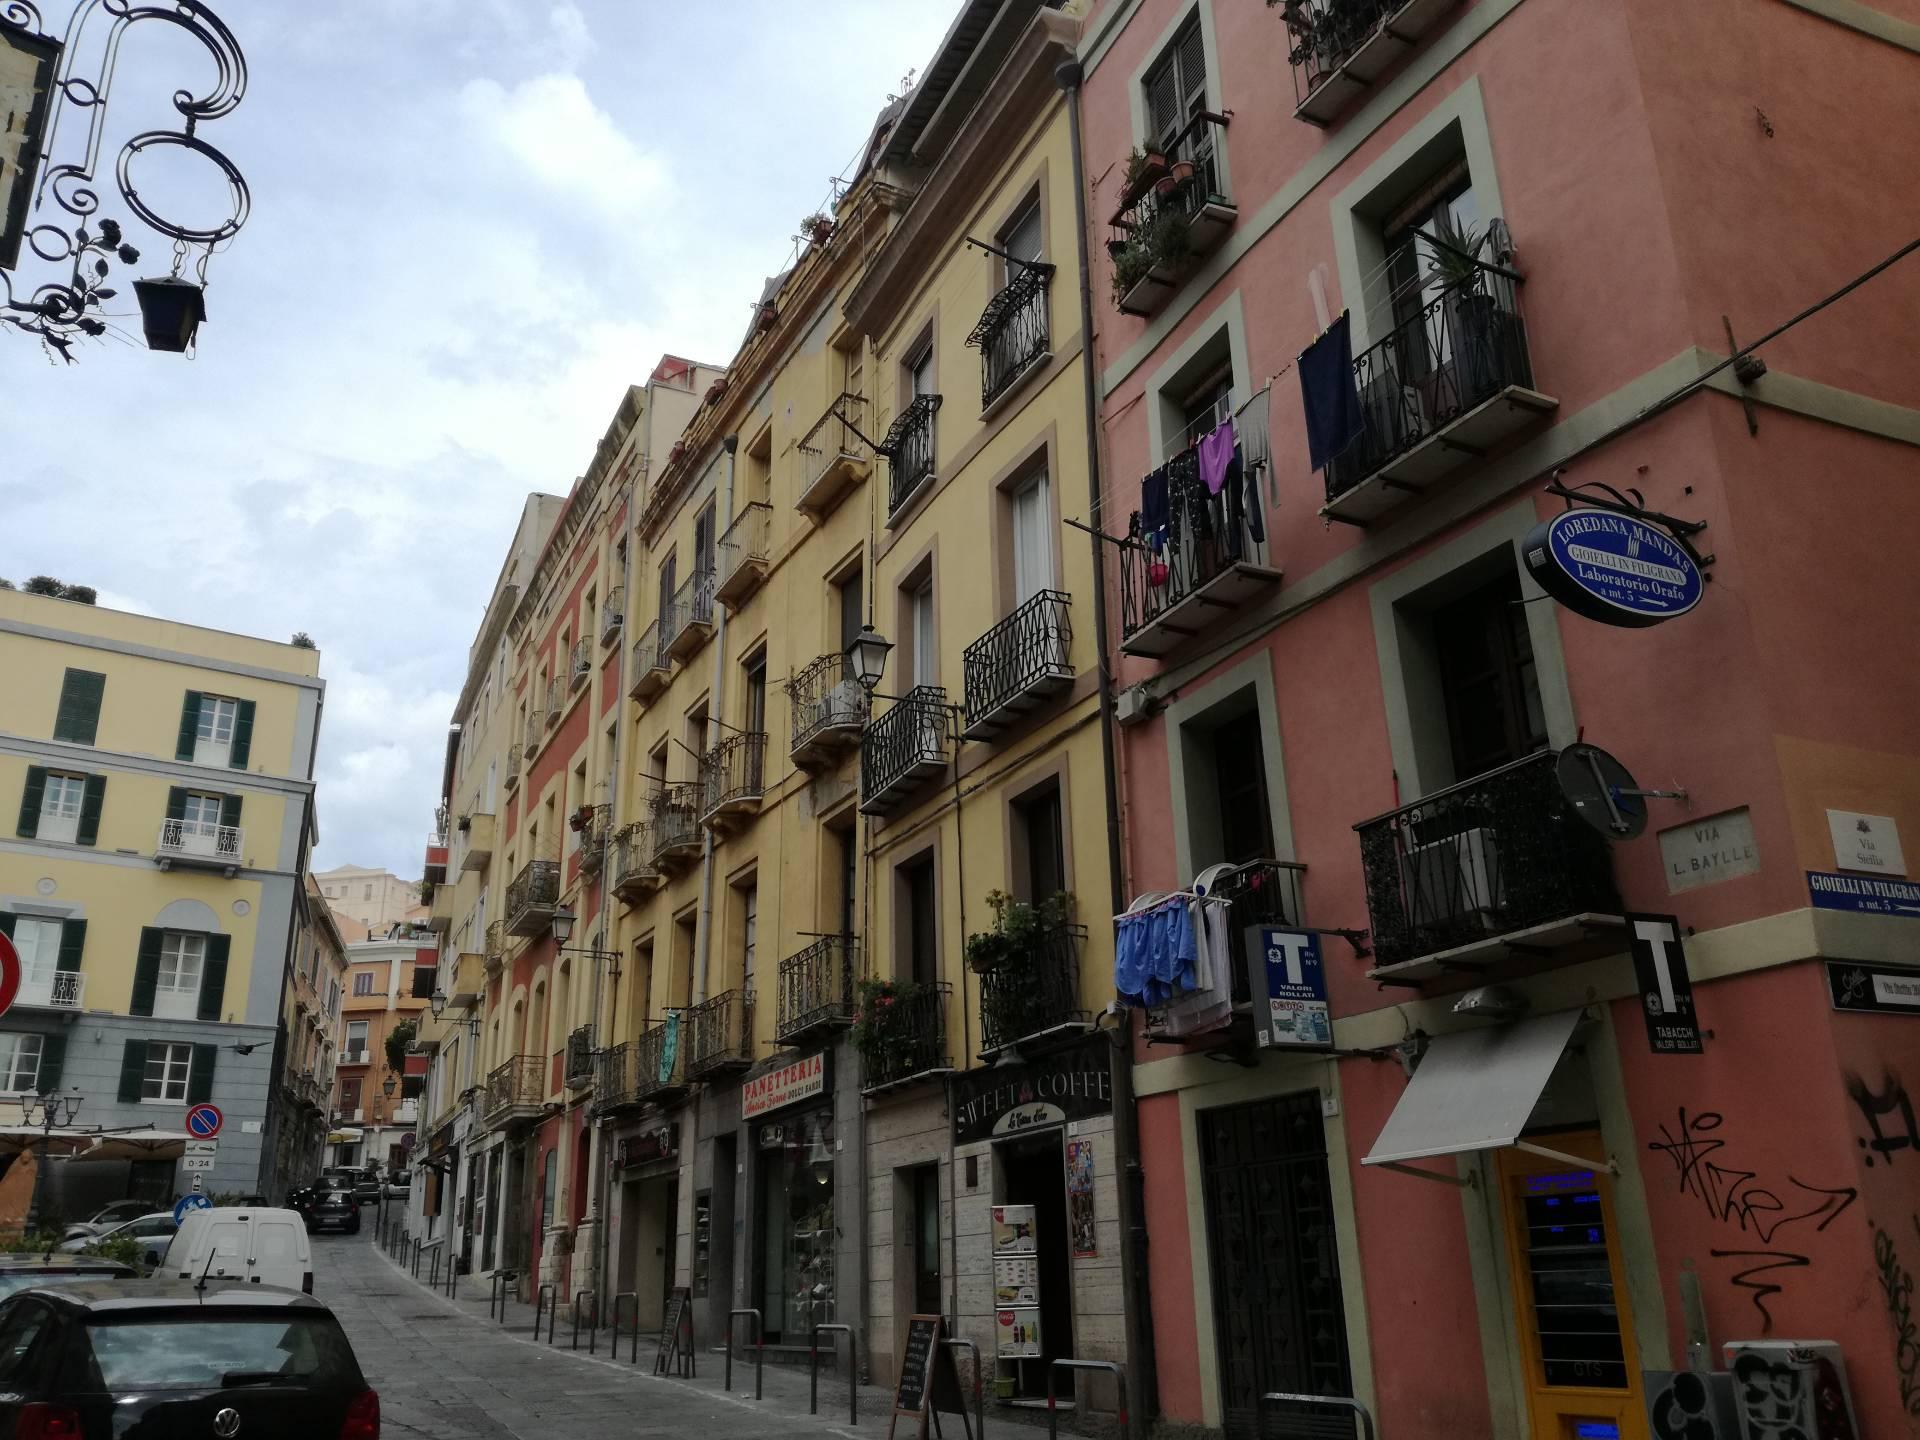 Appartamento in affitto a Cagliari, 2 locali, zona Zona: Marina, prezzo € 500   Cambio Casa.it